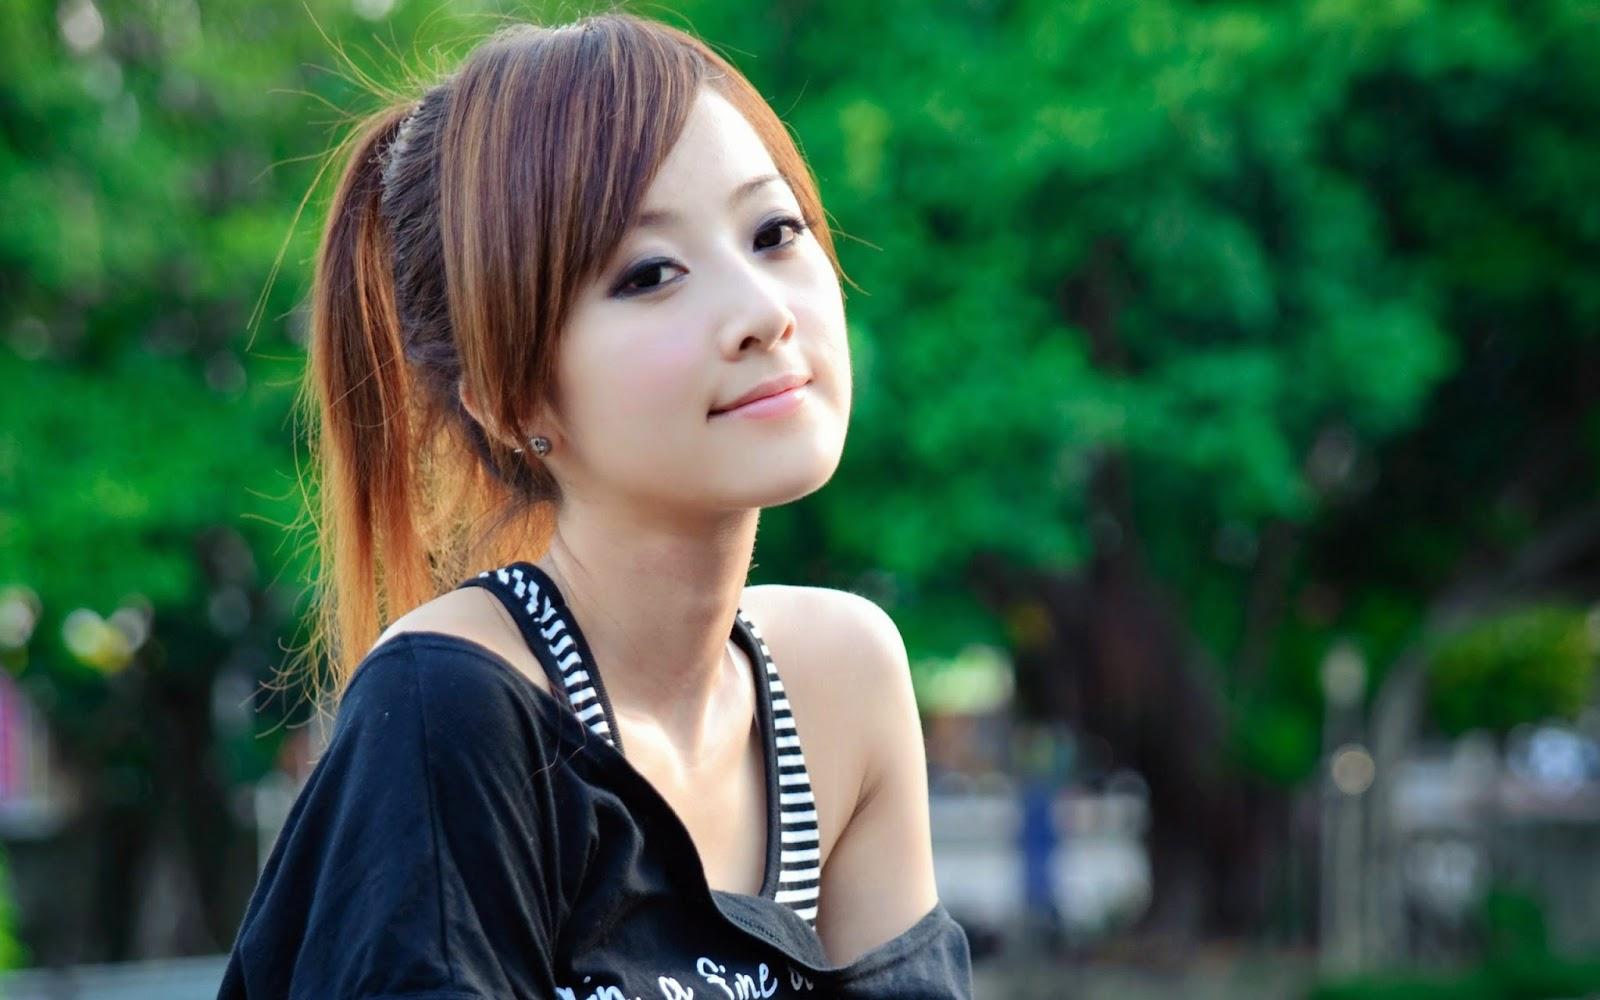 60 Cute and Beautiful Girls Wallpapers HD Widescreen 1600x1000